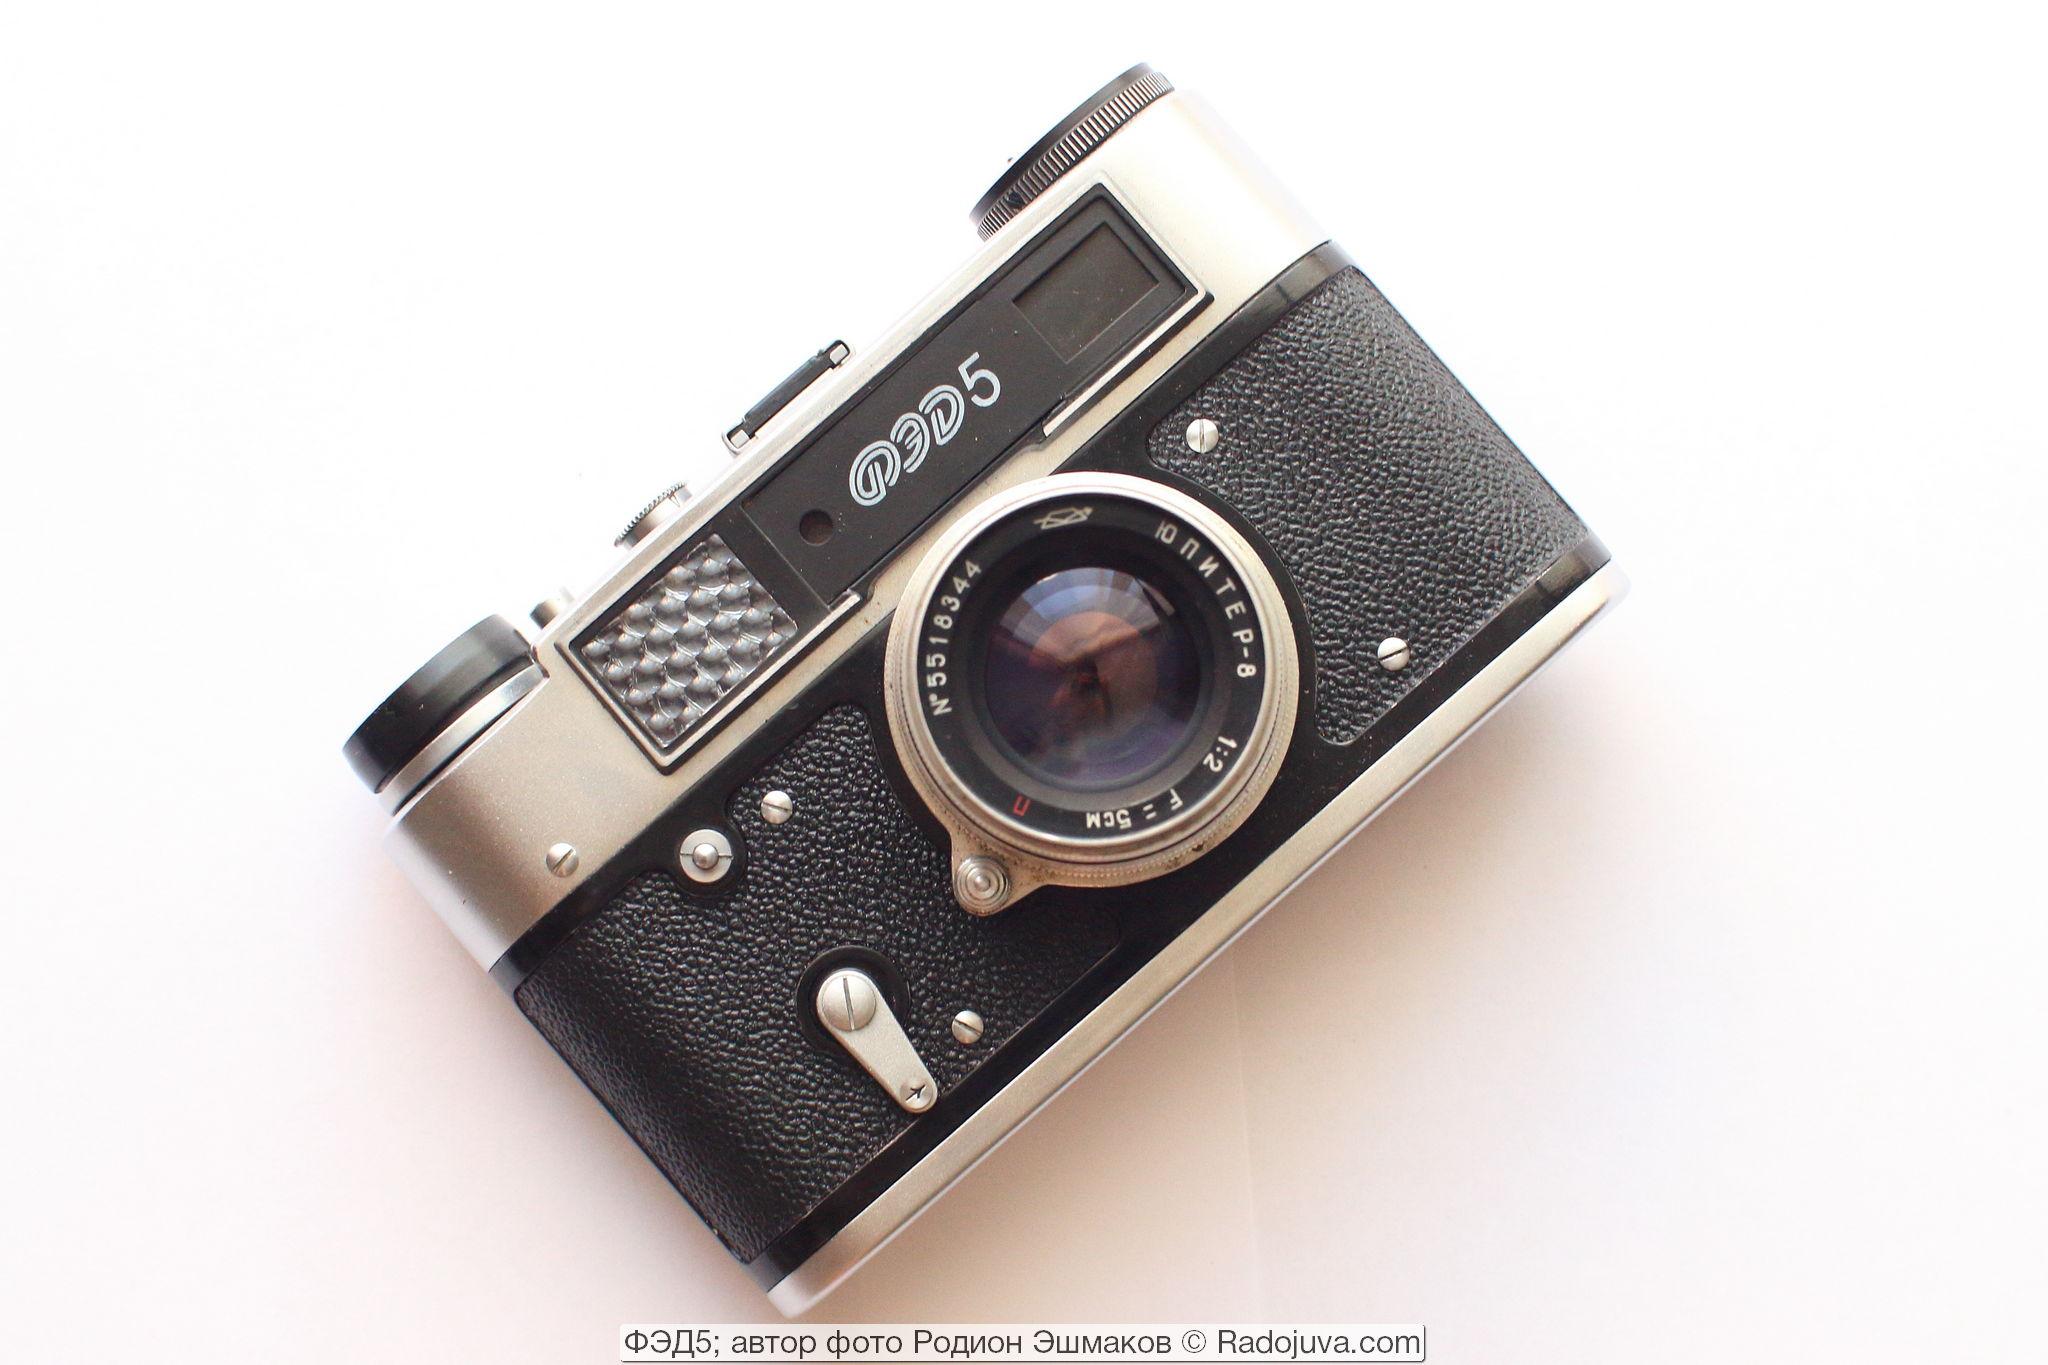 Внешний вид камеры ФЭД-5 с объективом «Юпитер-8»